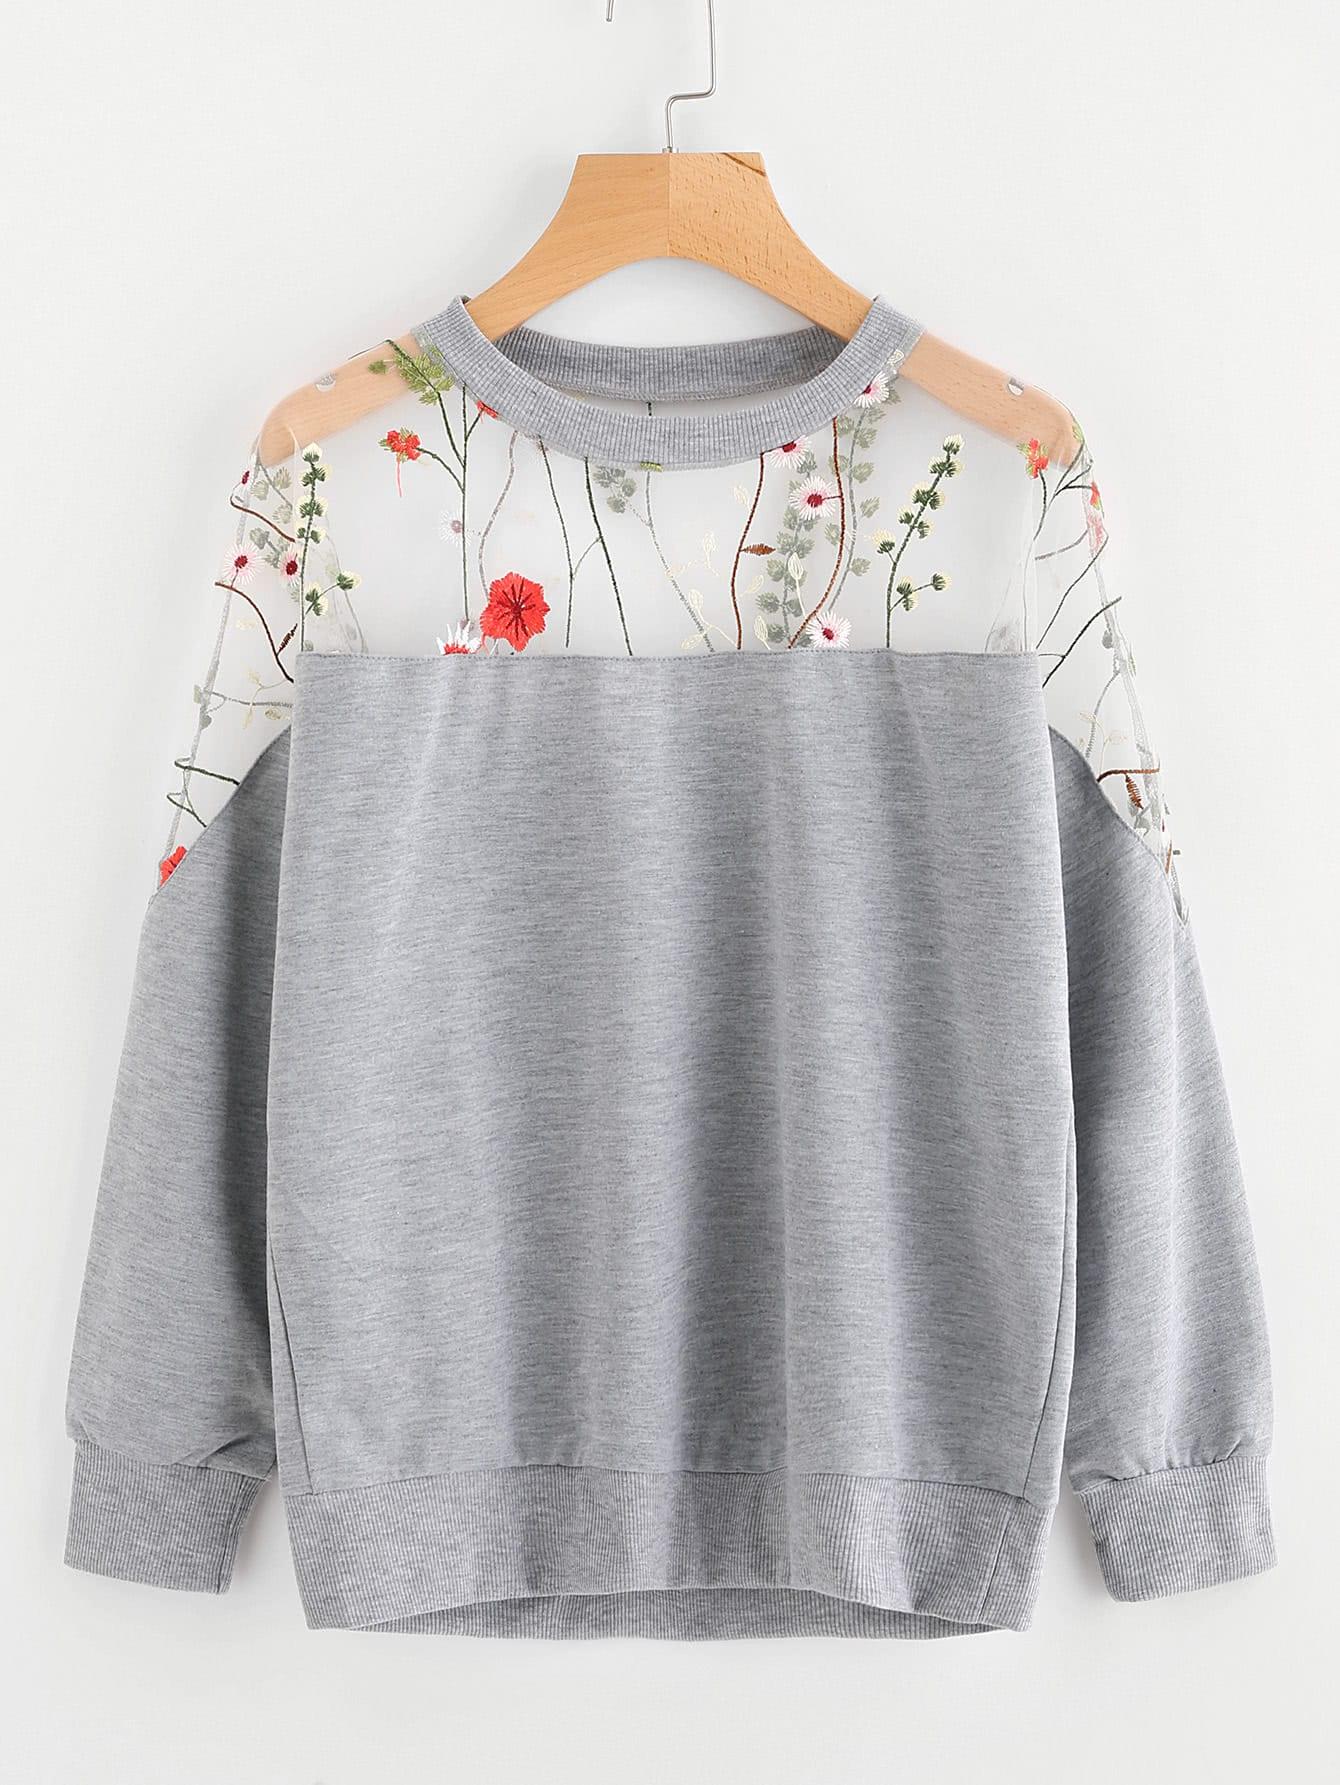 Купить Модный свитшот с вышивкой и сетчатой вставкой, null, SheIn